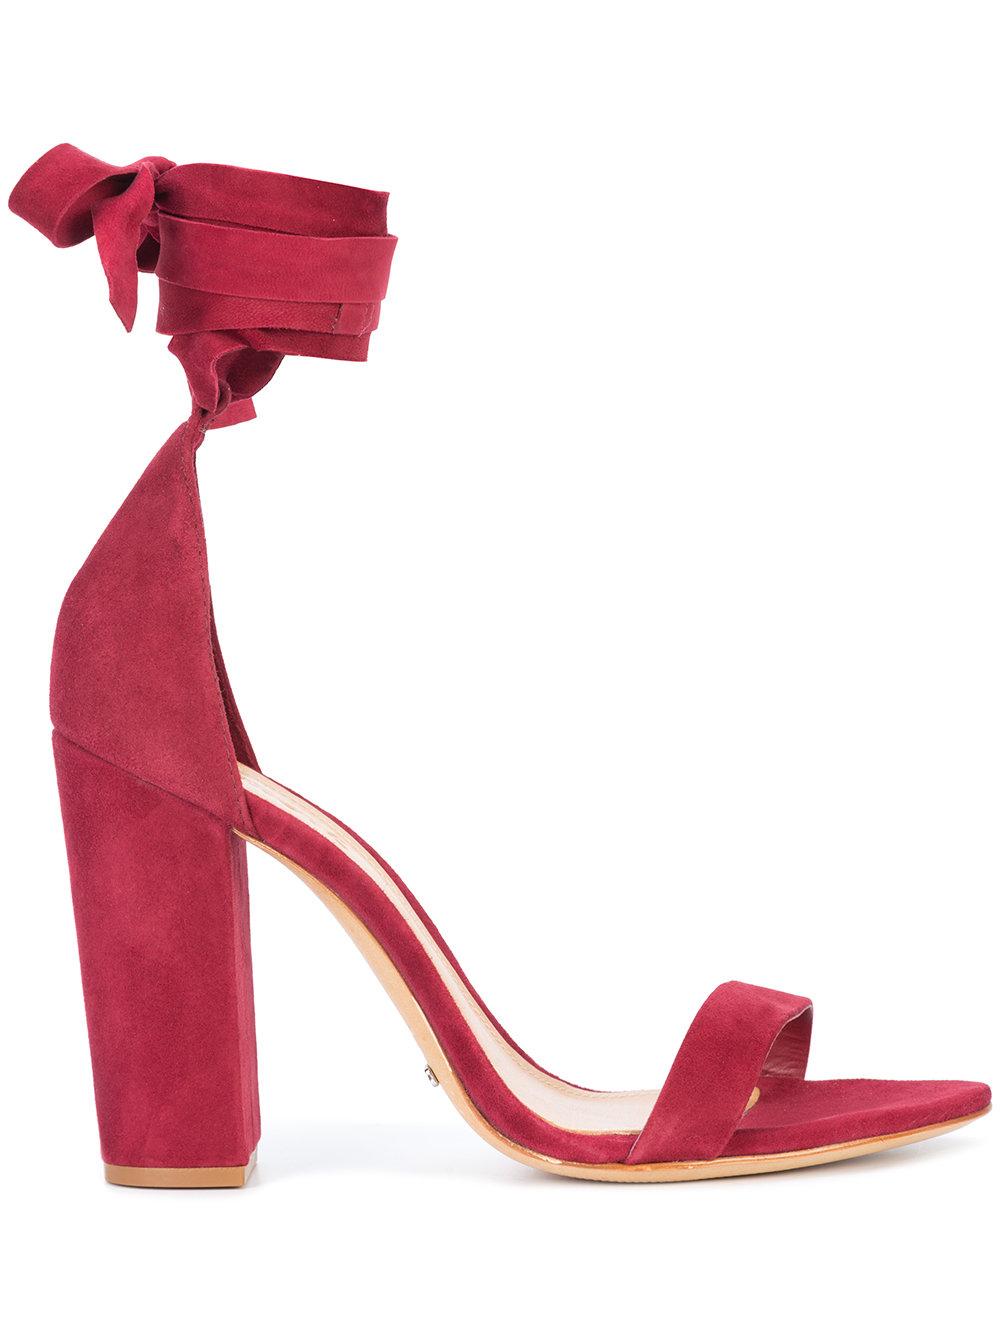 SCHUTZ sandals - $180